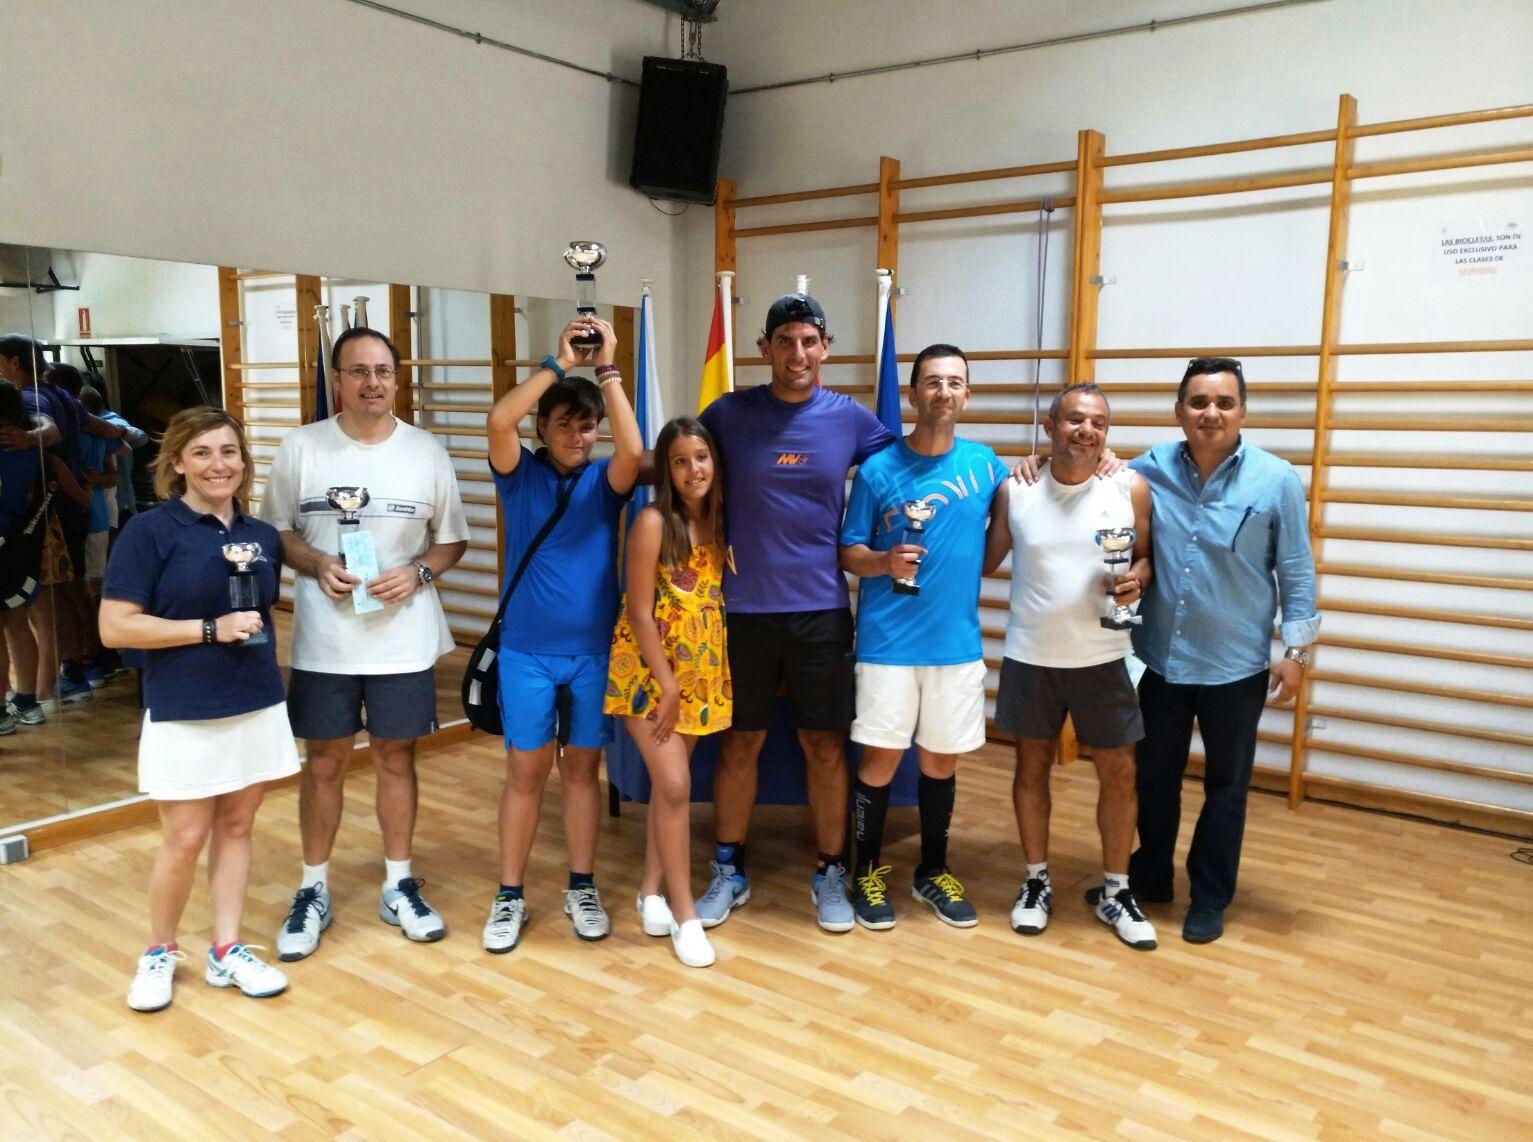 Trofeo primavera de tenis 2017 Velilla de San Antonio